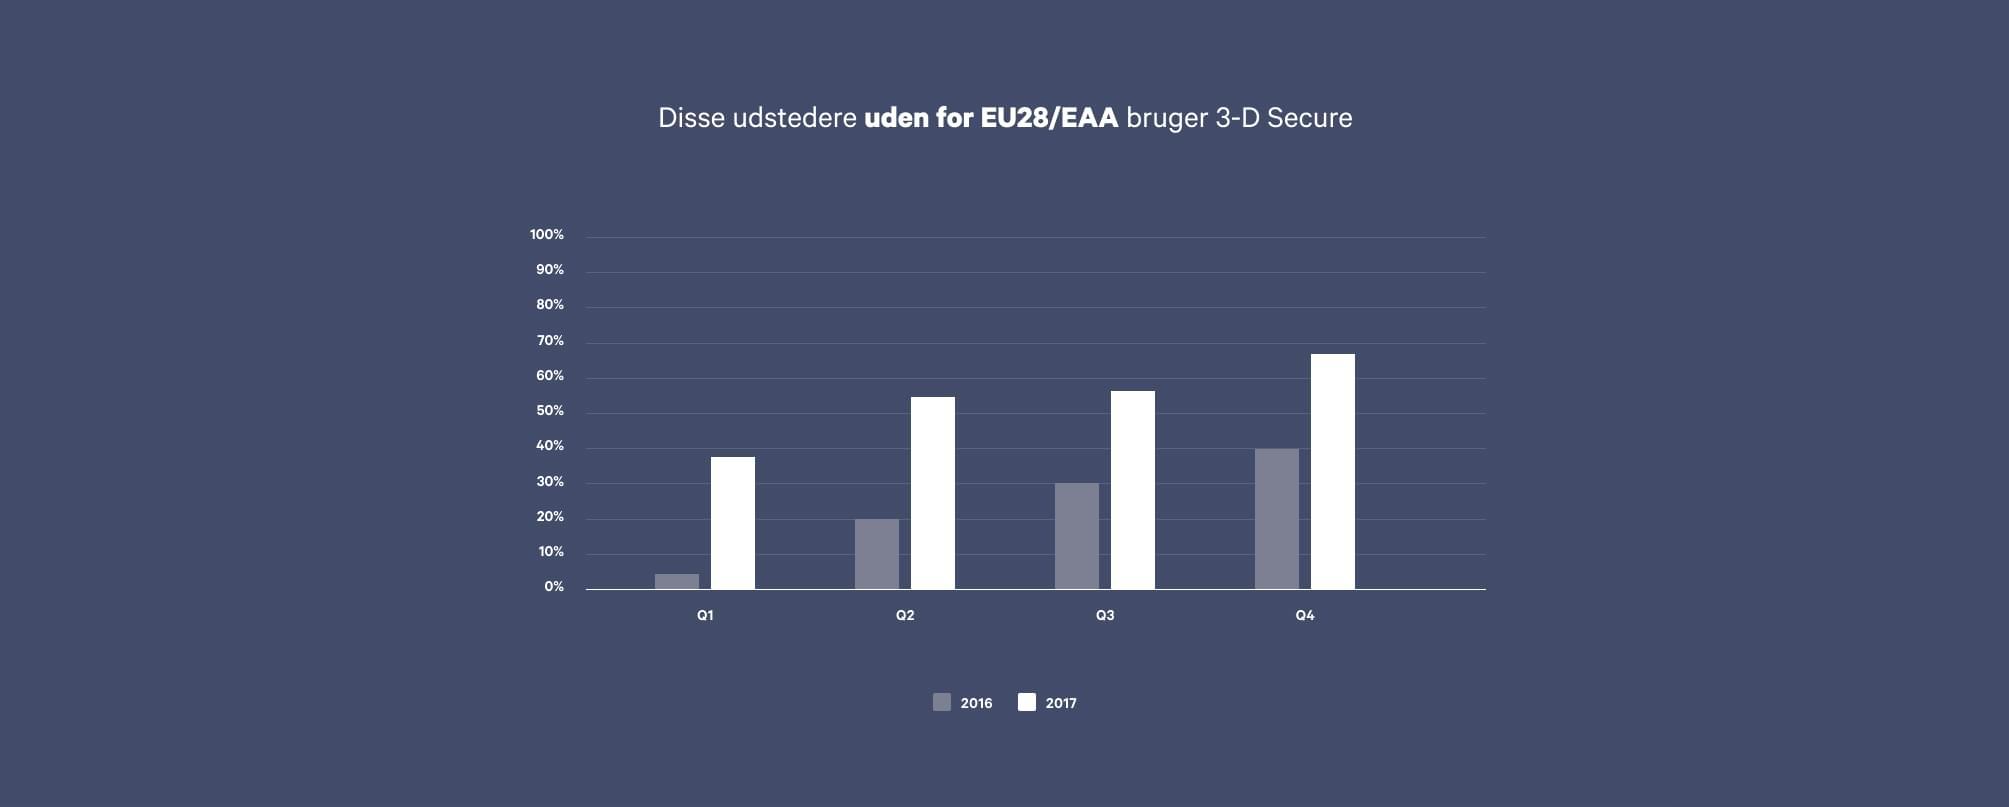 Disse udstedere uden for EU28/EAA bruger 3-D Secure